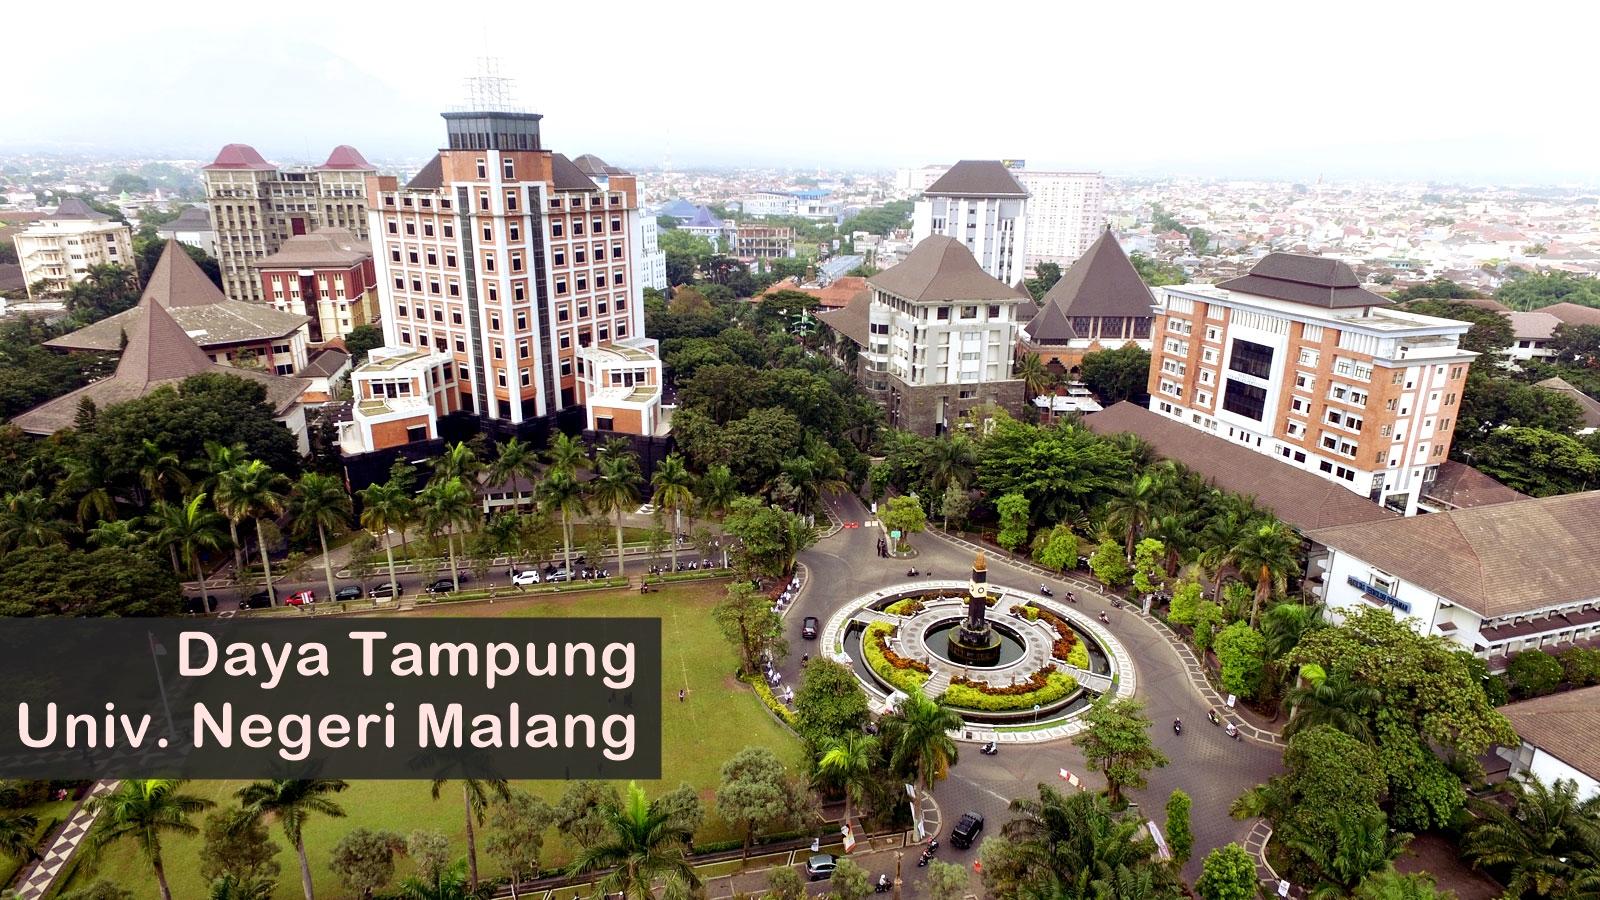 Daya Tampung Universitas Negeri Malang